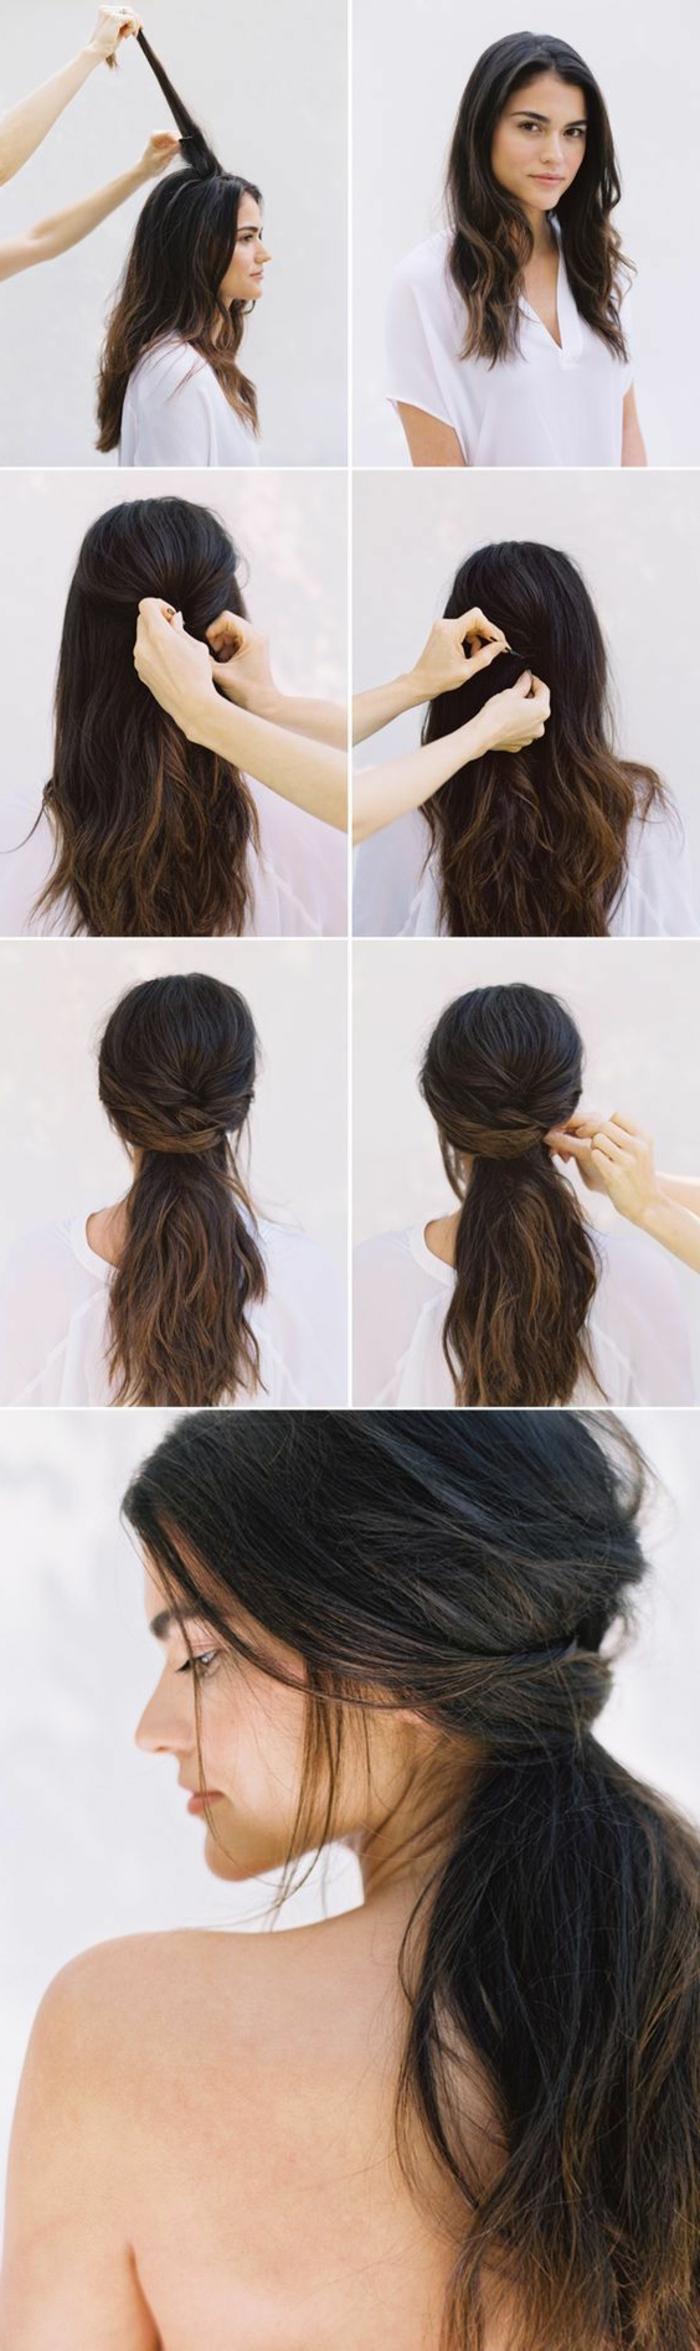 idée comment porter ses cheveux en queue de cheval originale, cheveux ramenés en arrière, style boheme décoiffé